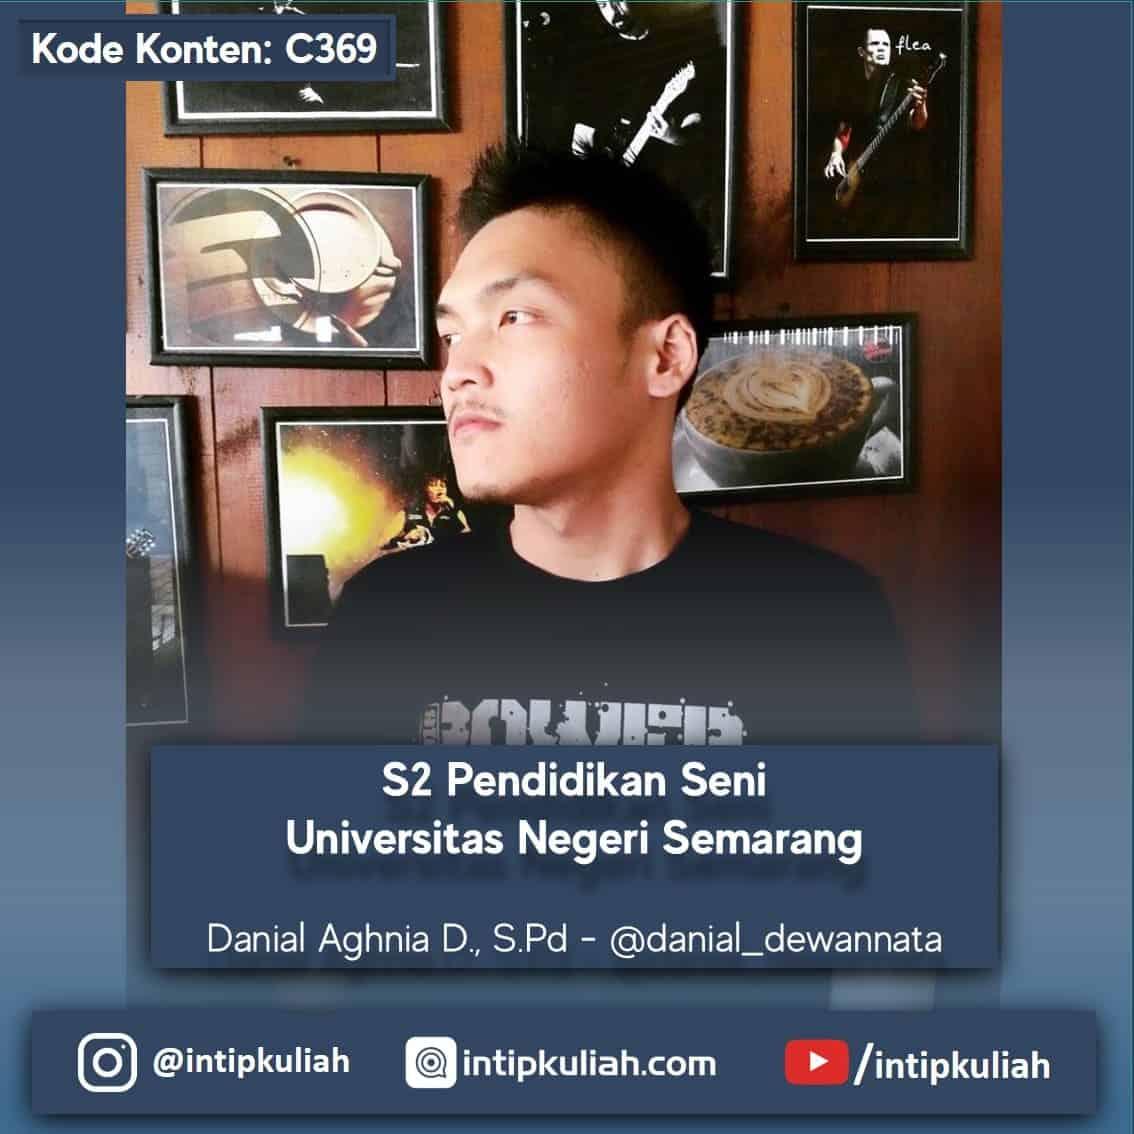 S2 Pendidikan Seni Universitas Negeri Semarang (Danial)